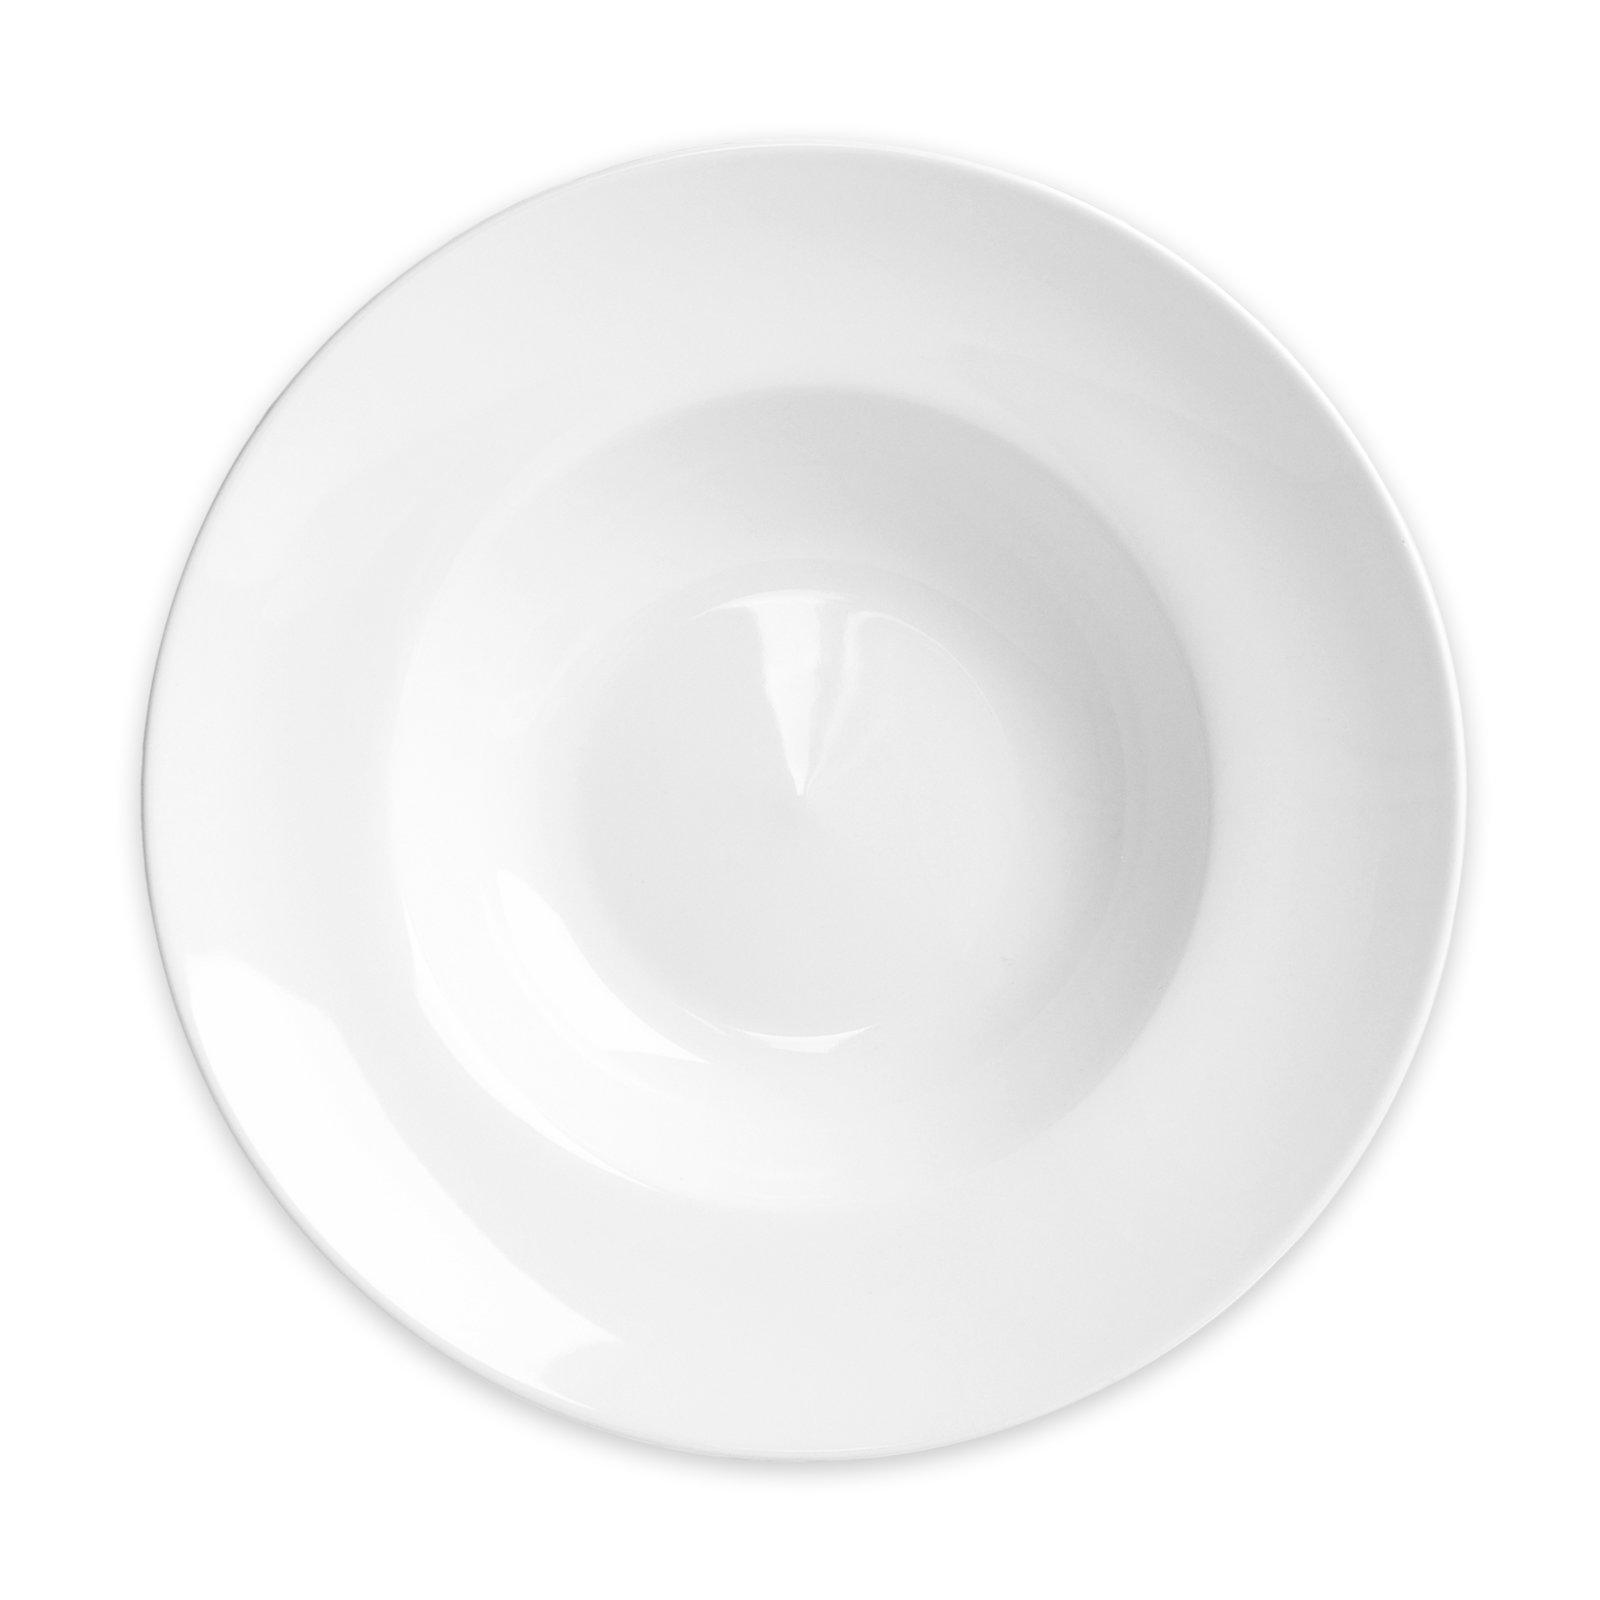 Pastateller MOLTO BENE - weiß - Porzellan - Ø 27 cm